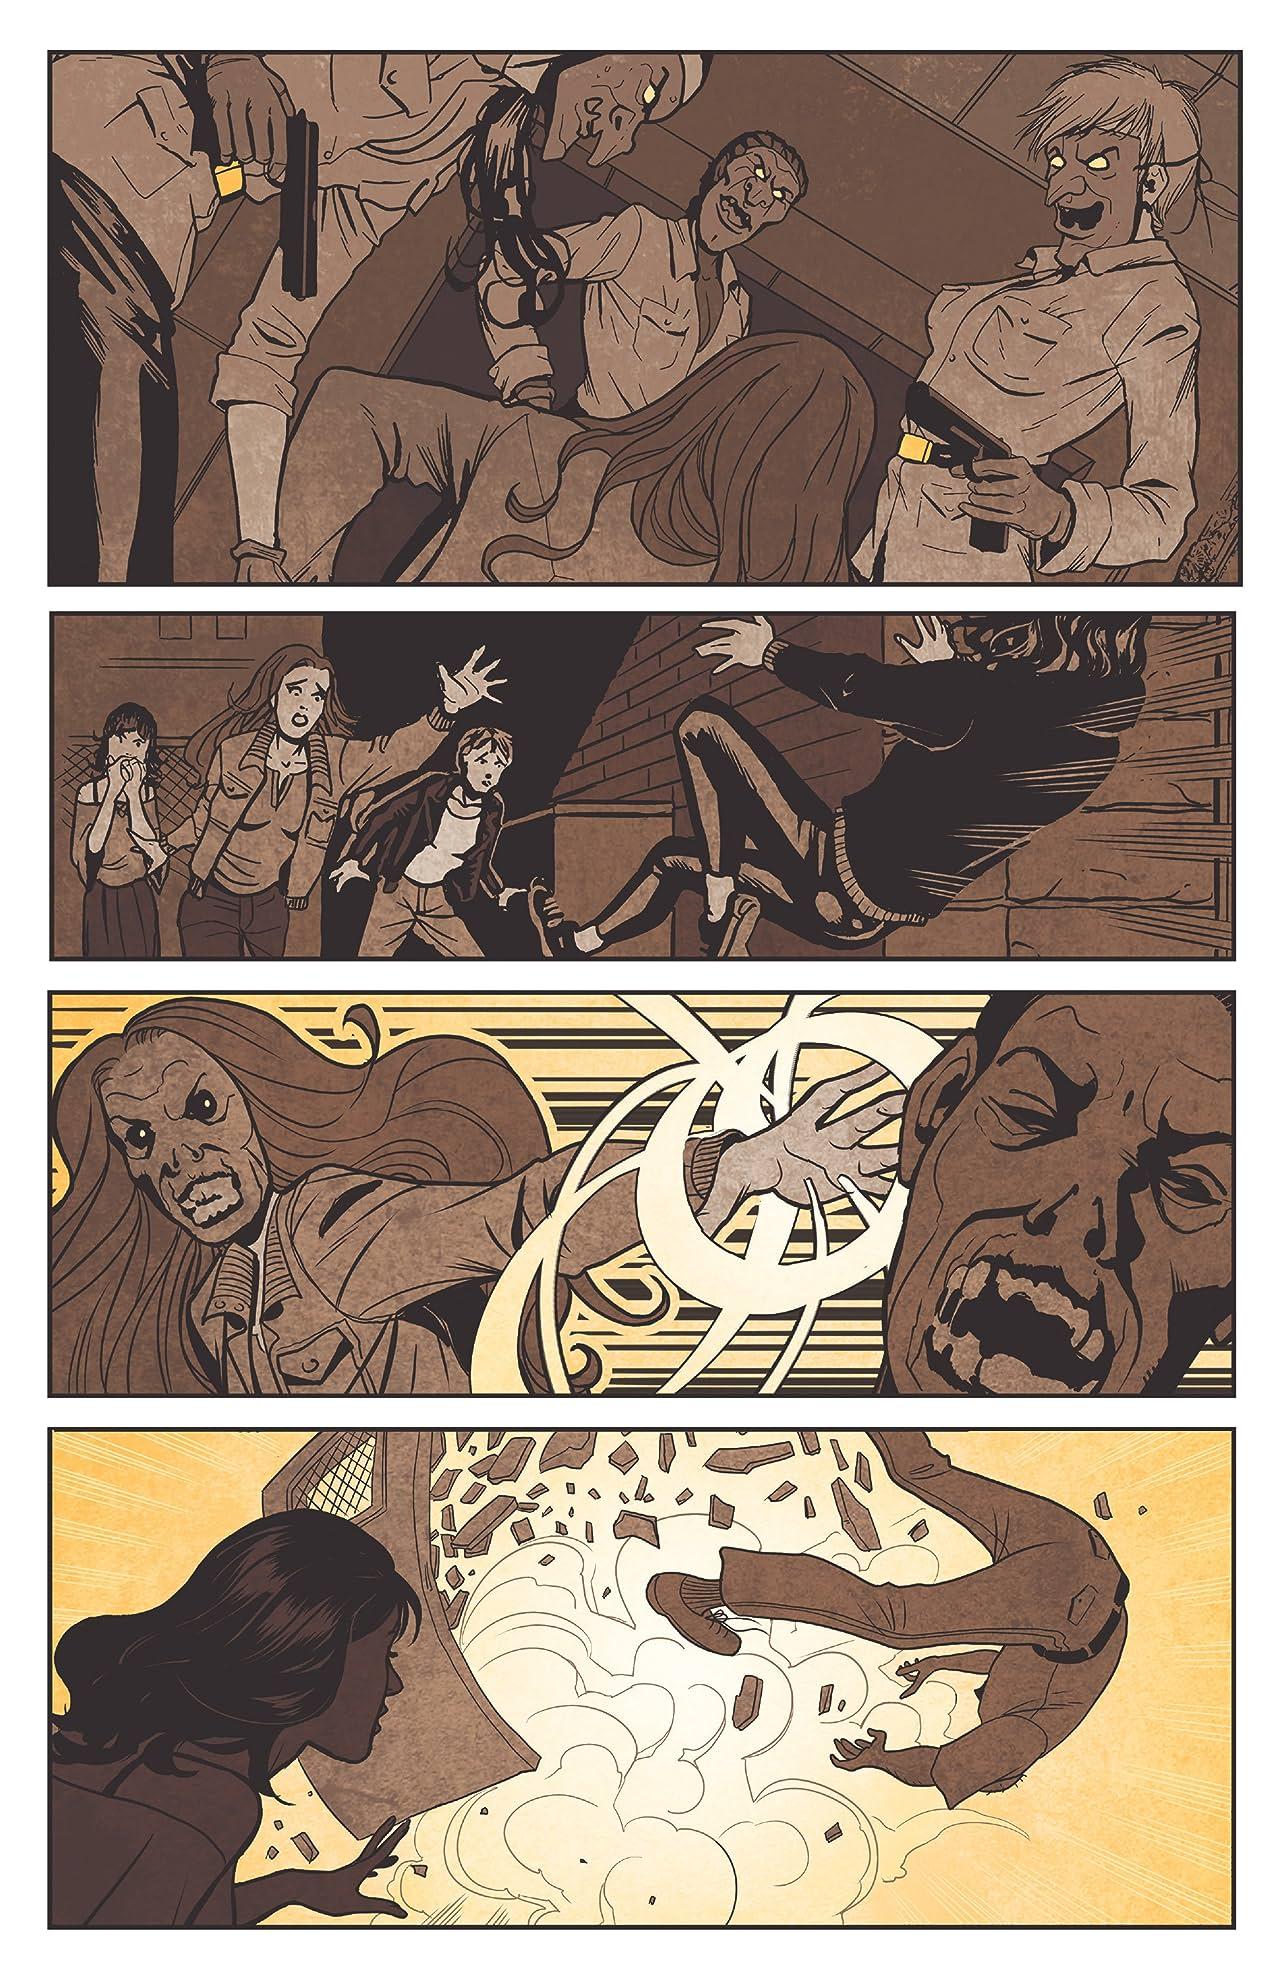 Grimm Vol. 2 #5